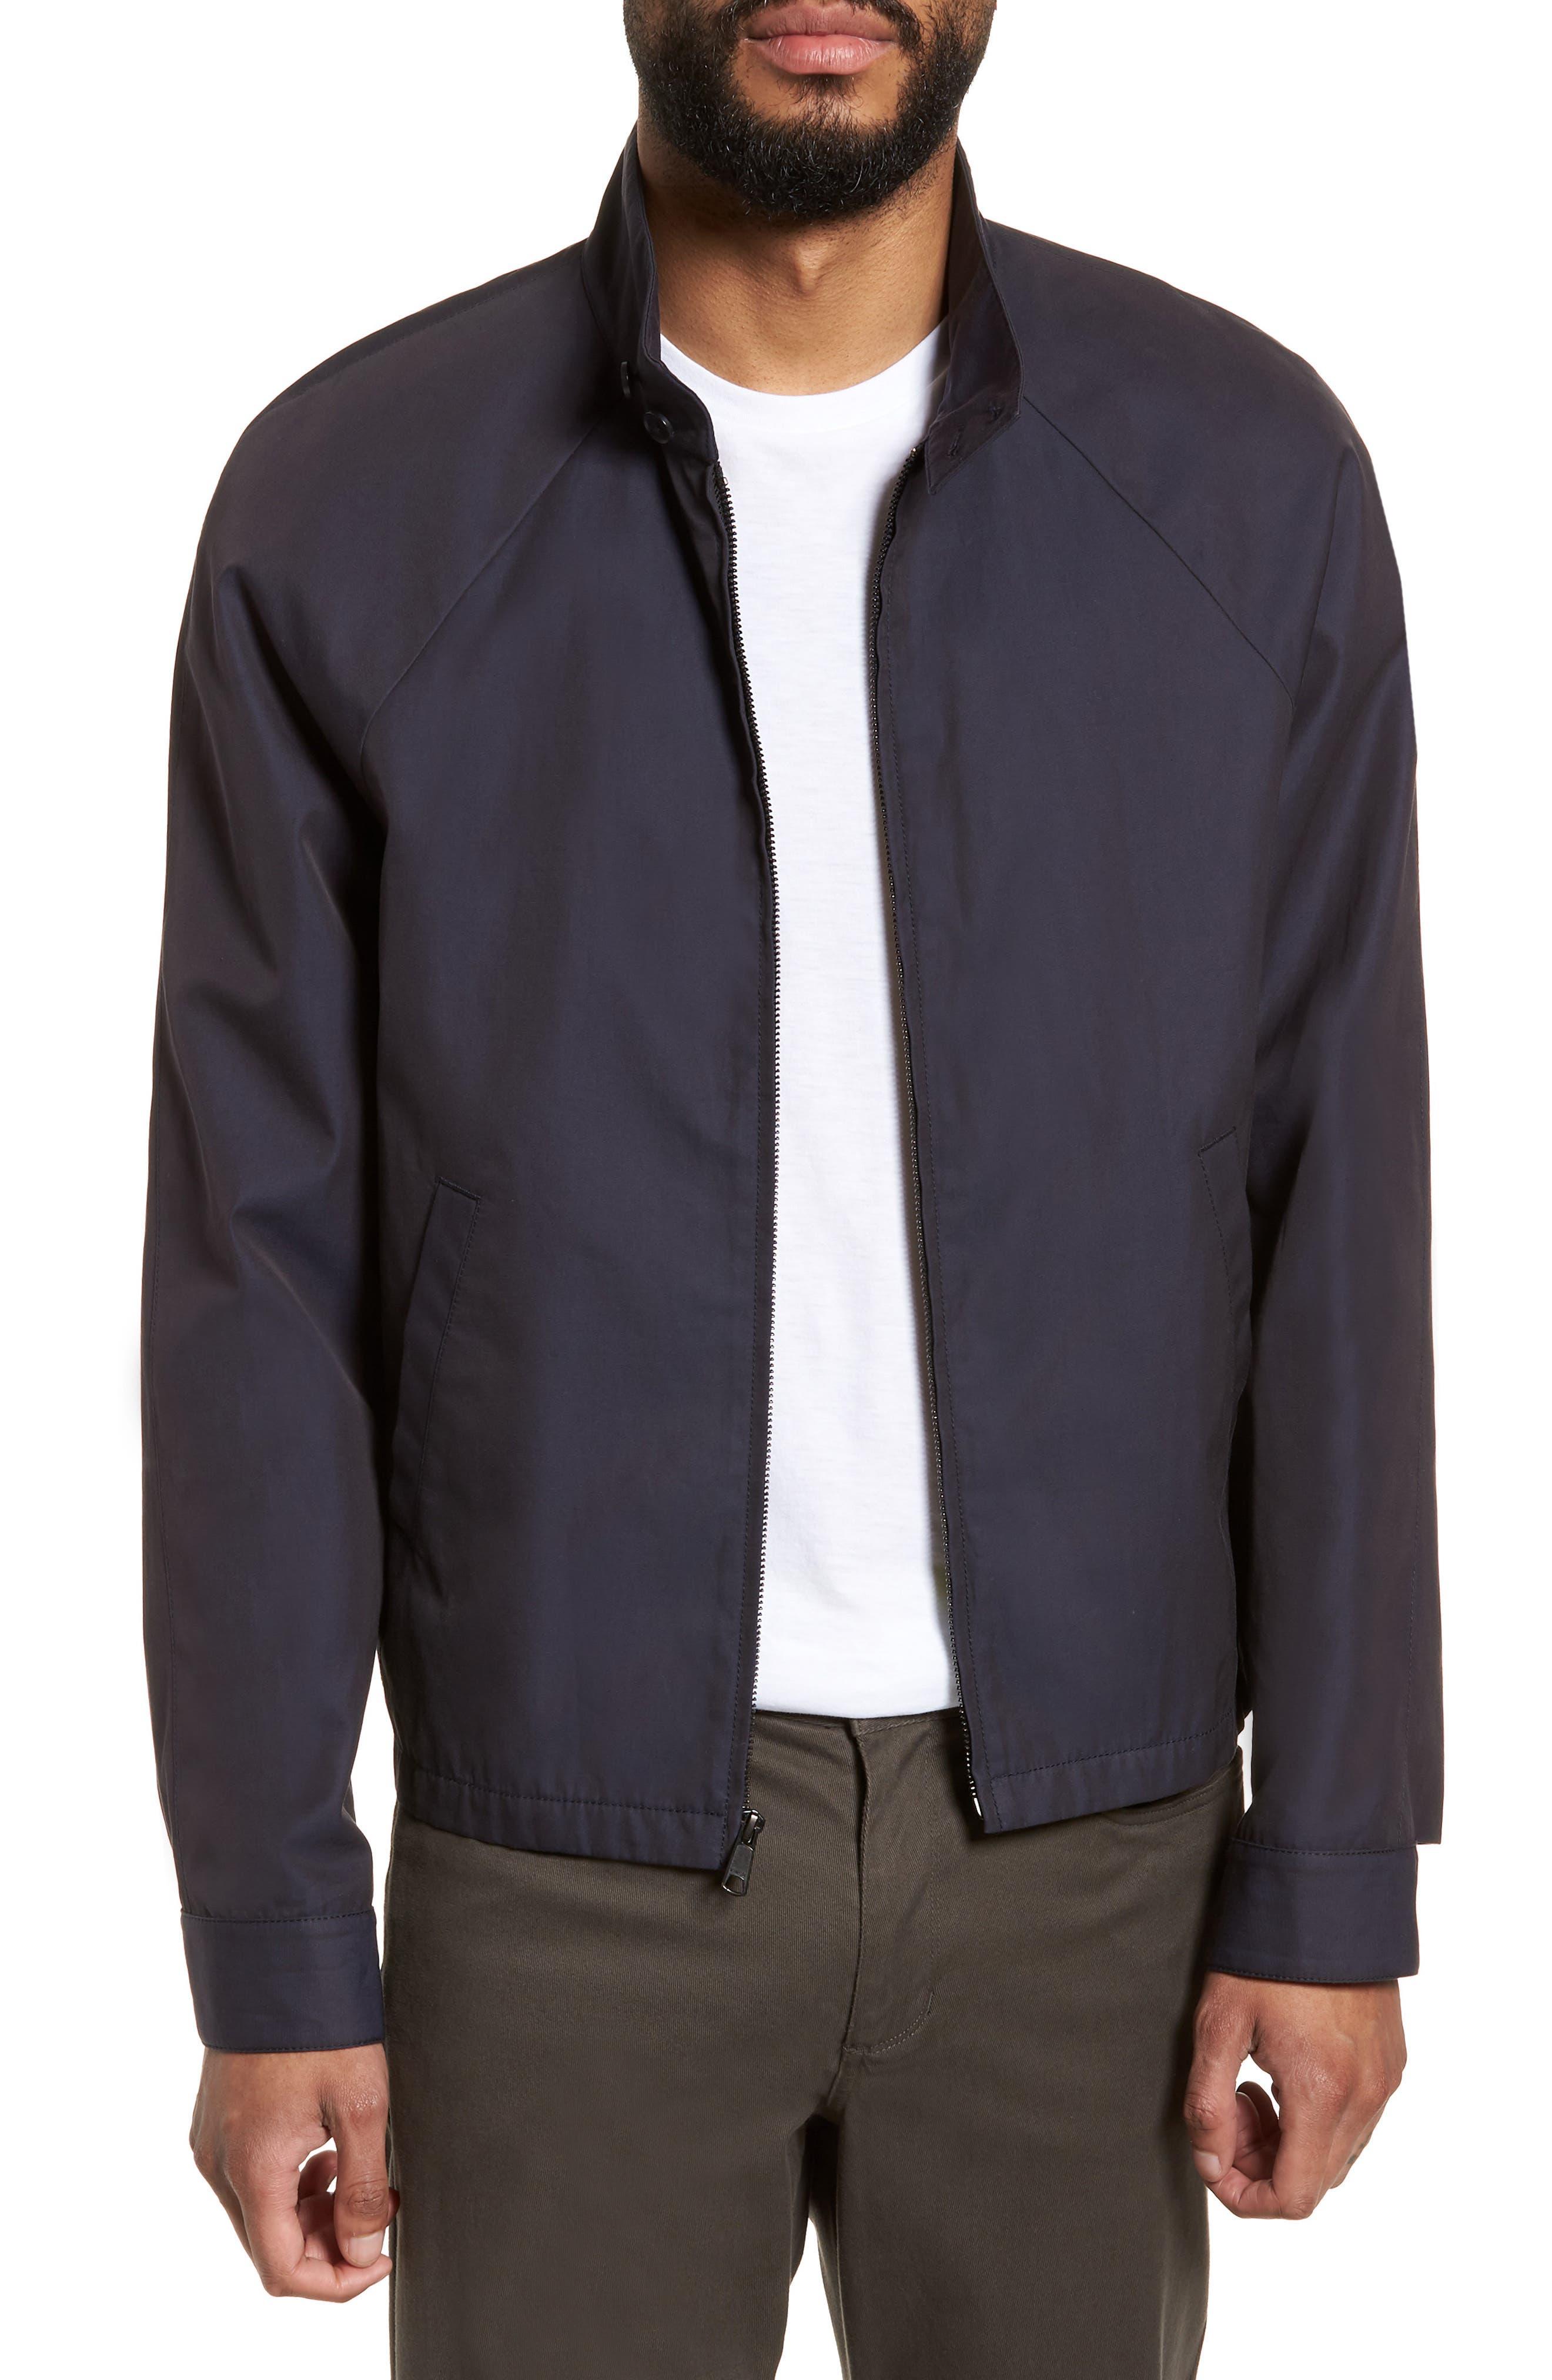 Regular Fit Jacket,                             Main thumbnail 1, color,                             NAVY